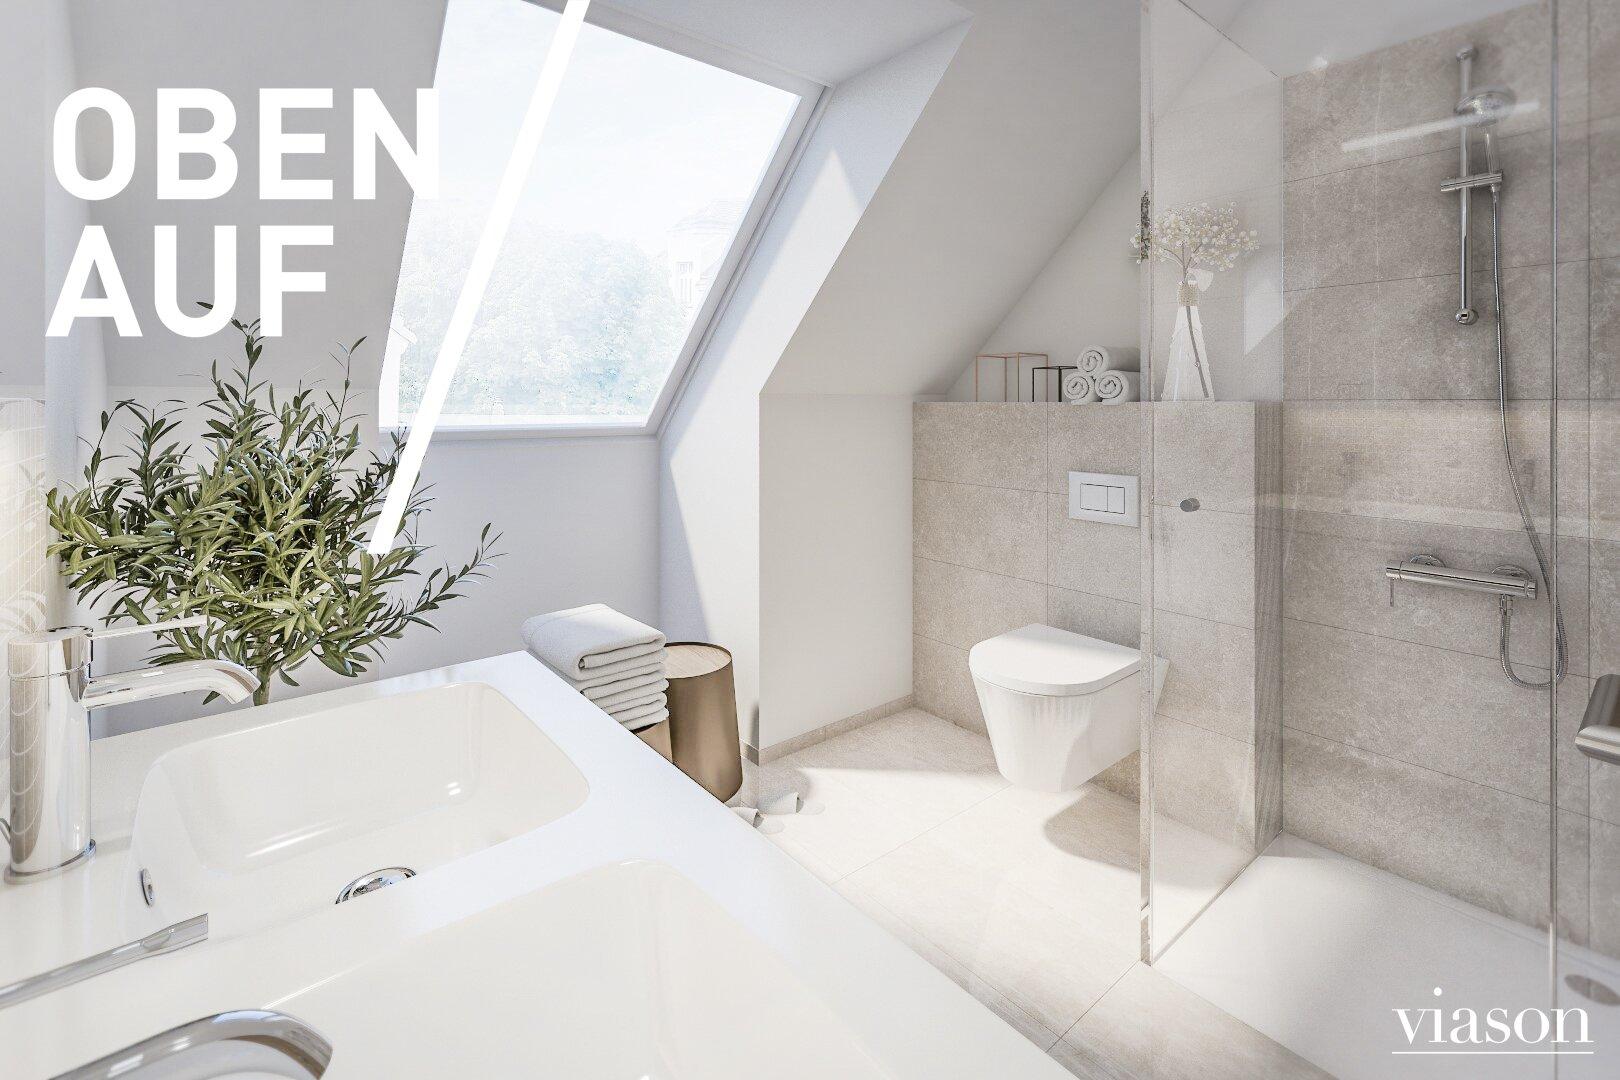 Beispielsvisualisierung Badezimmer